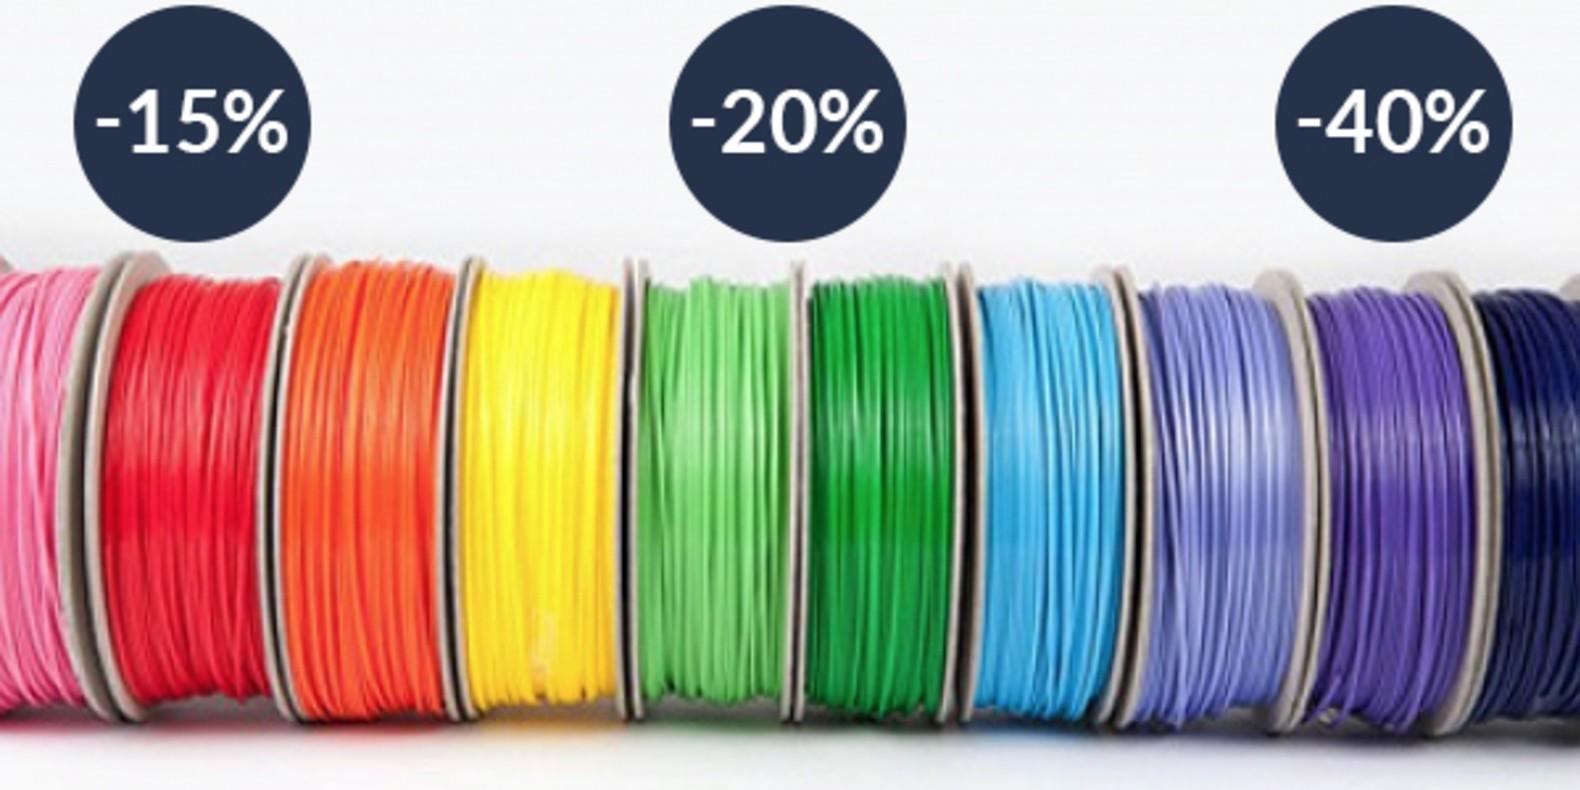 Promo-filaments-makershop